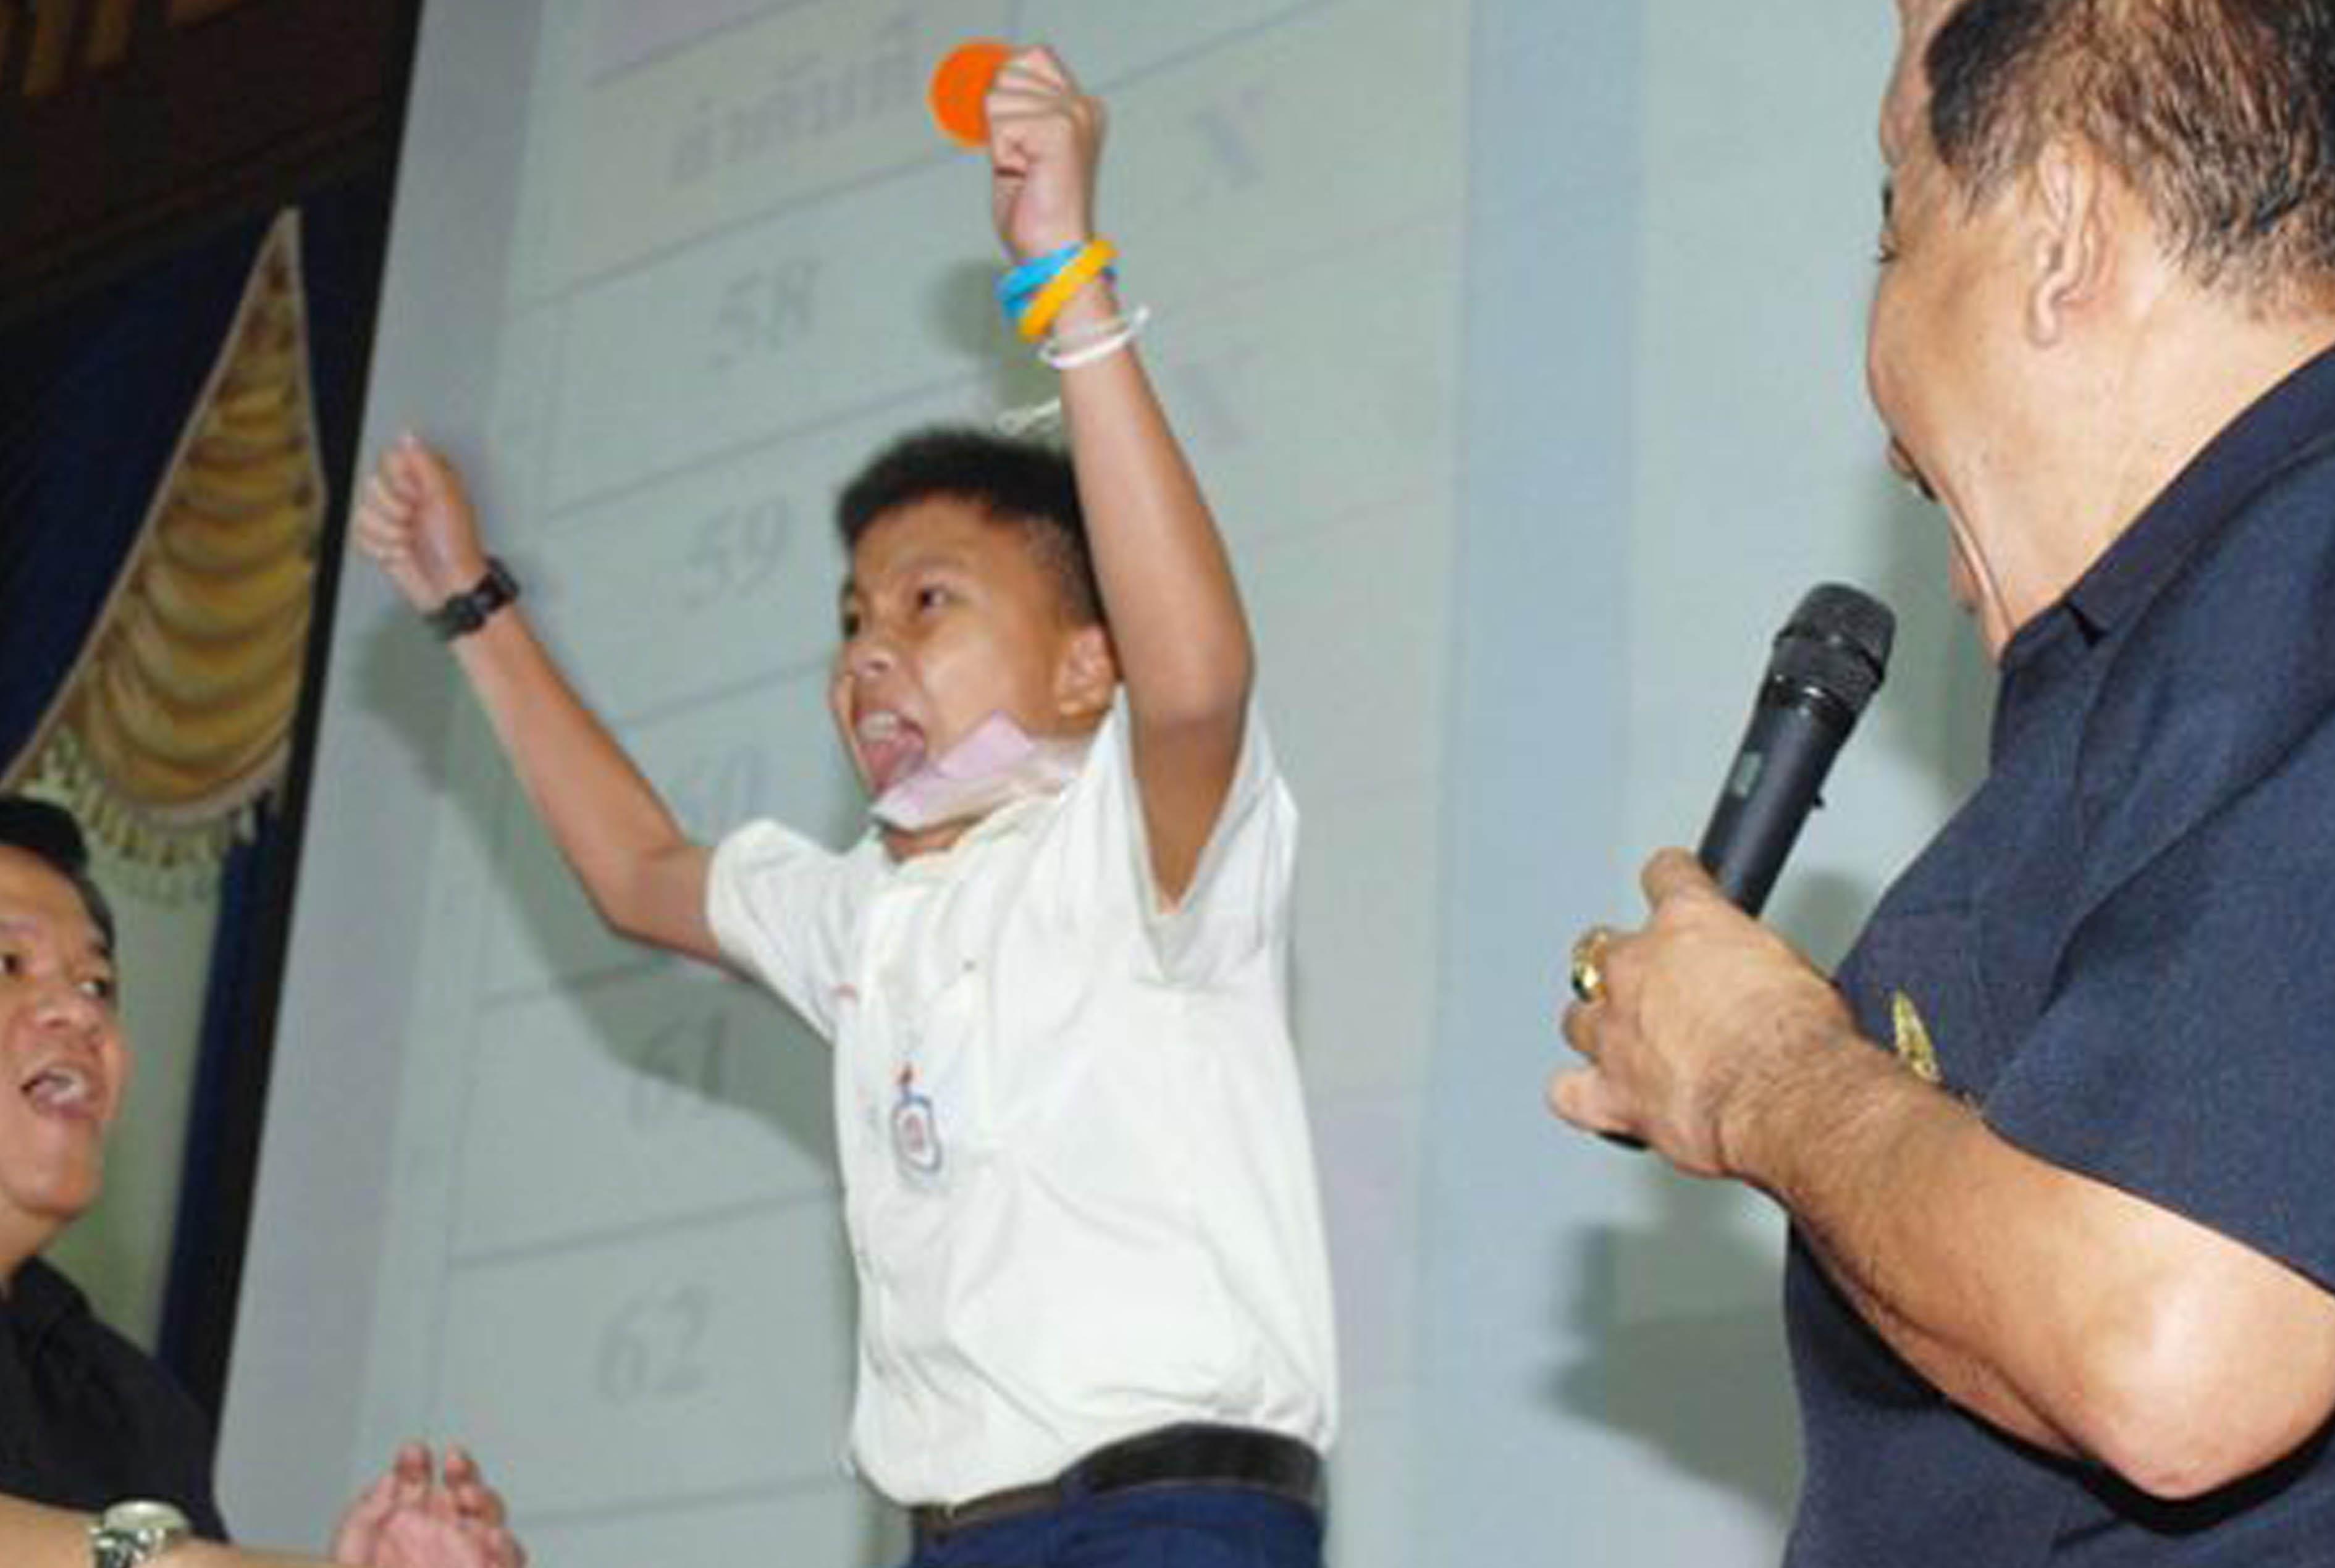 """ギャンブルに対して厳しい国タイ。でも中学校は""""くじ引き入試""""? - ワイズデジタル【タイで生活する人のための情報サイト】"""